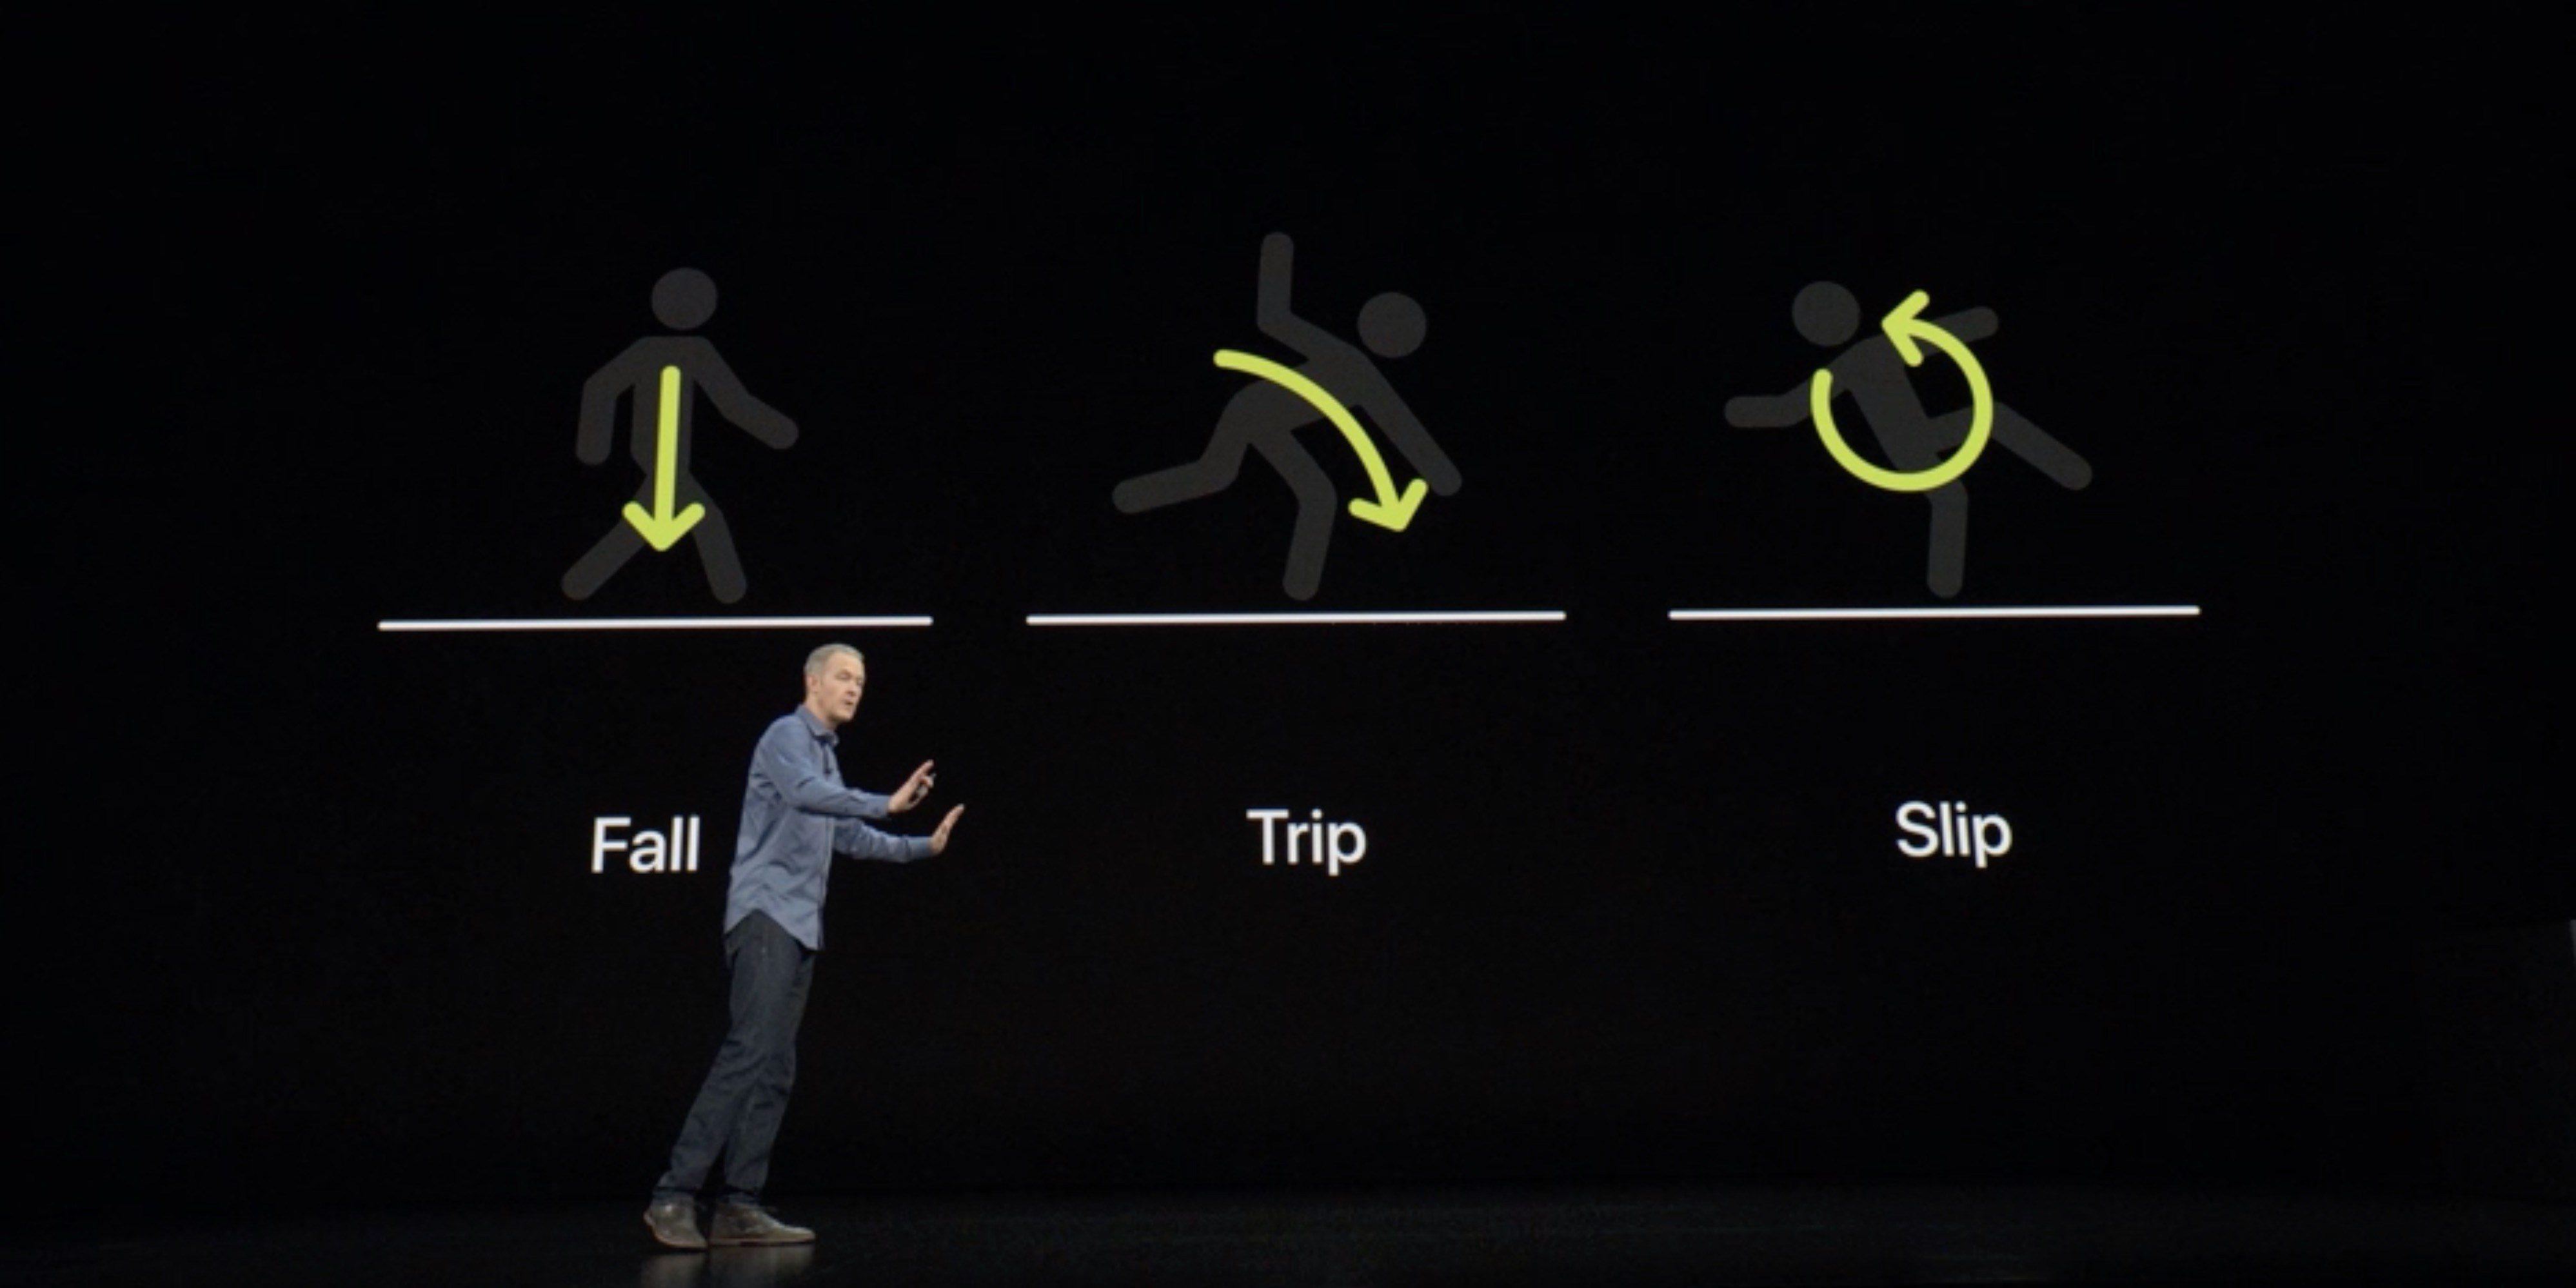 苹果 Apple Watch 立功:摔倒检测功能又救了一位老人